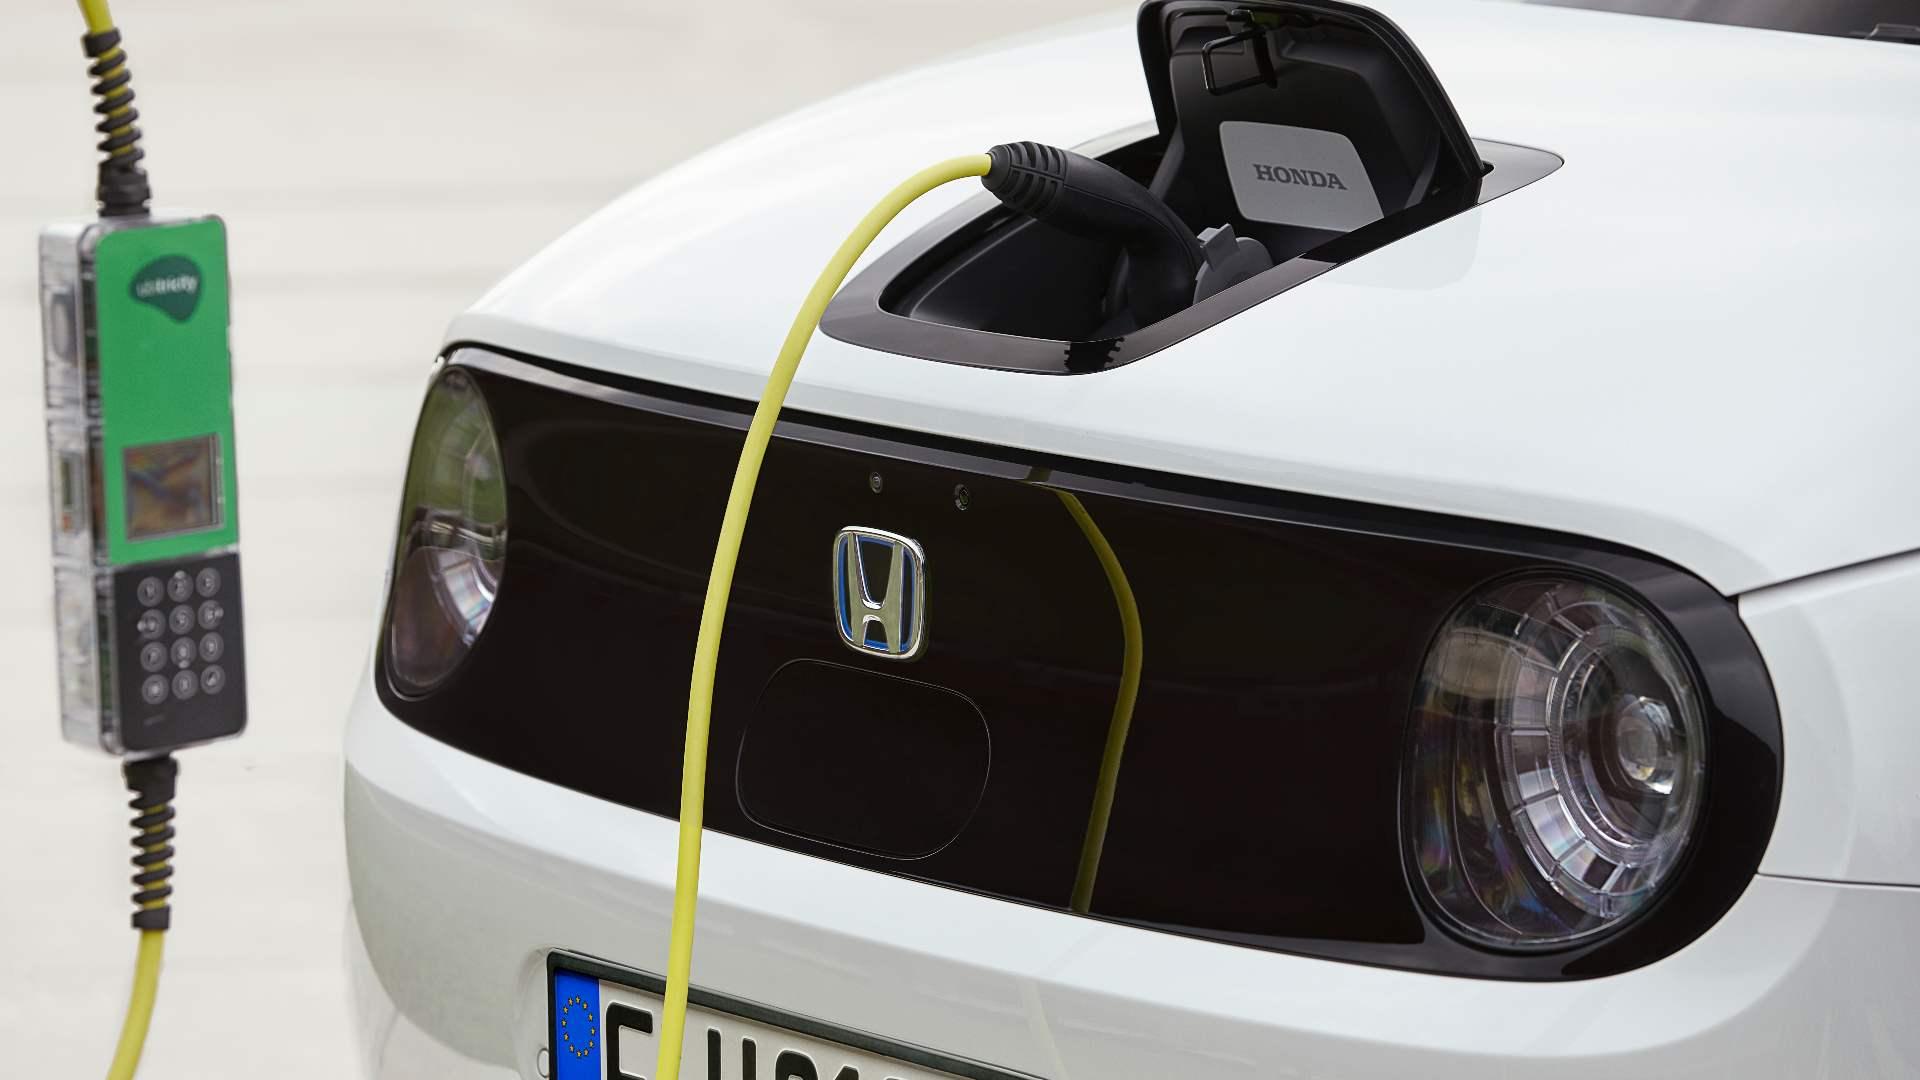 Honda s'attend à ce que 40% de toutes ses ventes de véhicules en Amérique du Nord et en Chine soient alimentées par batterie ou pile à combustible d'ici 2030. Image: Honda